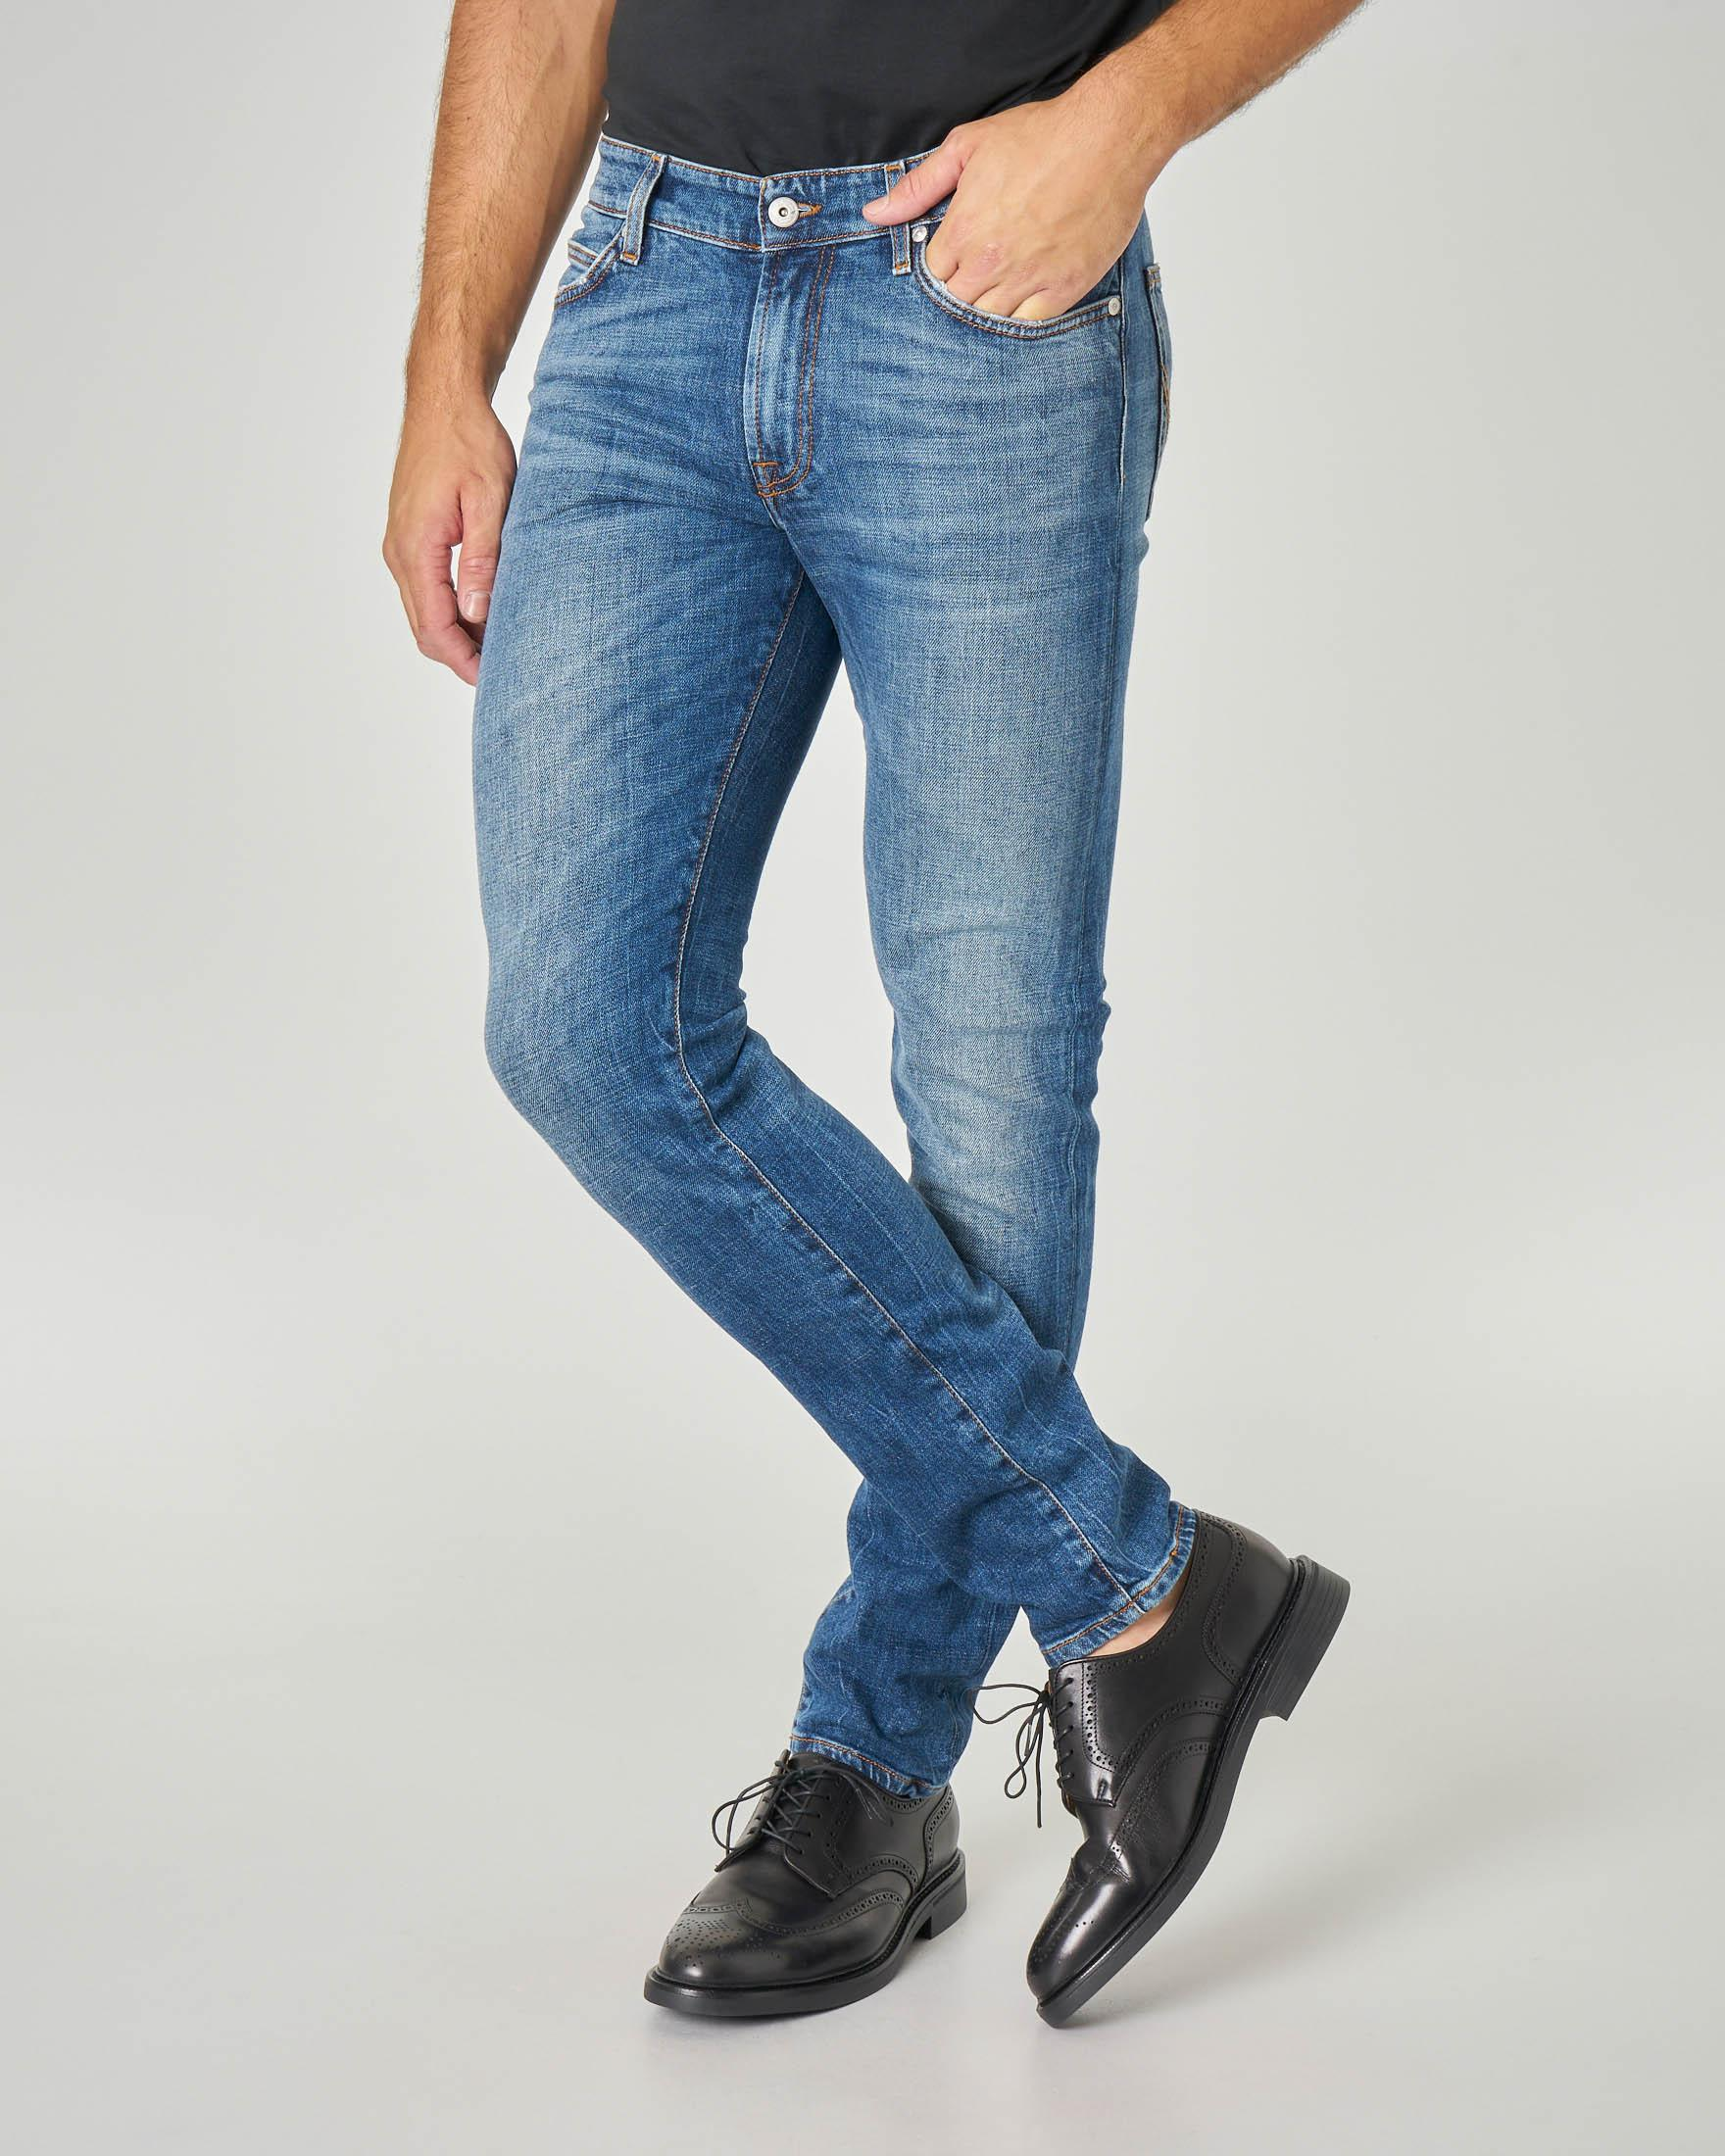 Jeans 517 Yovi lavaggio stone wash con sbiancature